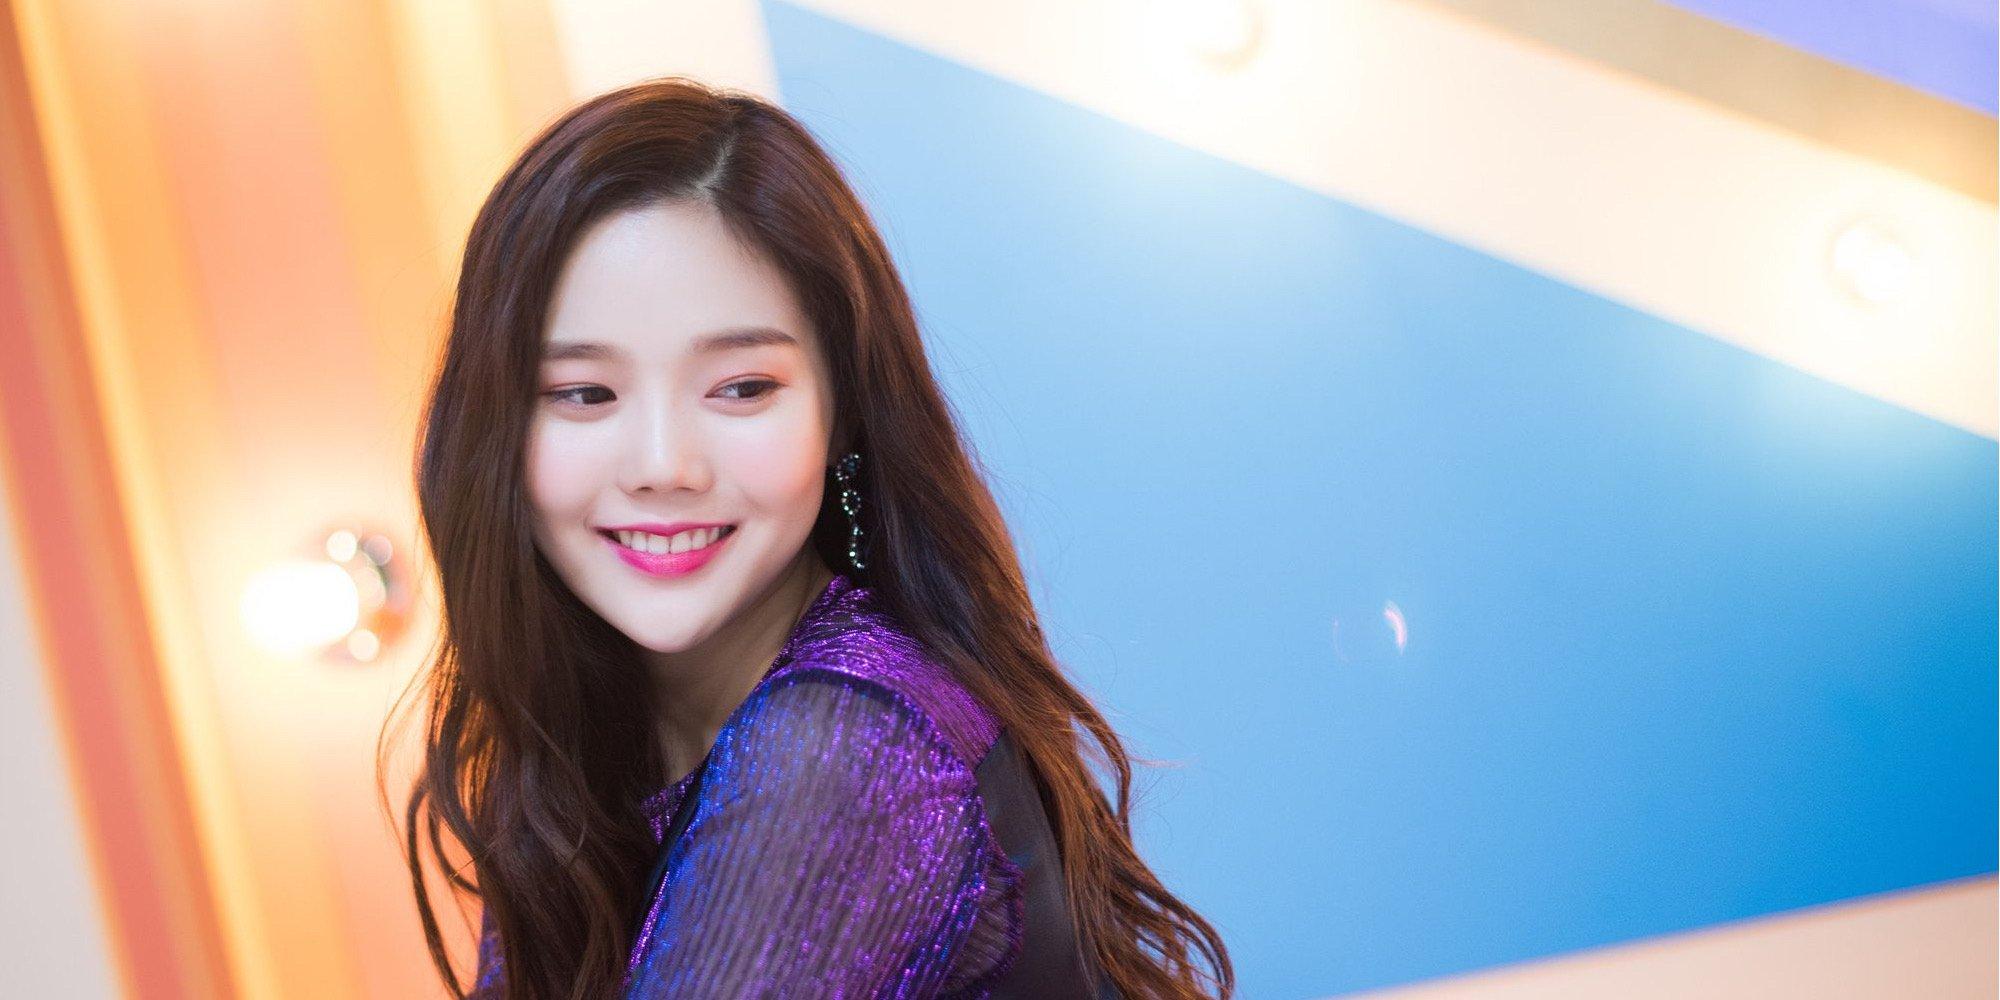 Oh My Girlヒョジョン(HYOJUNG) 自身のYouTubeチャンネル!